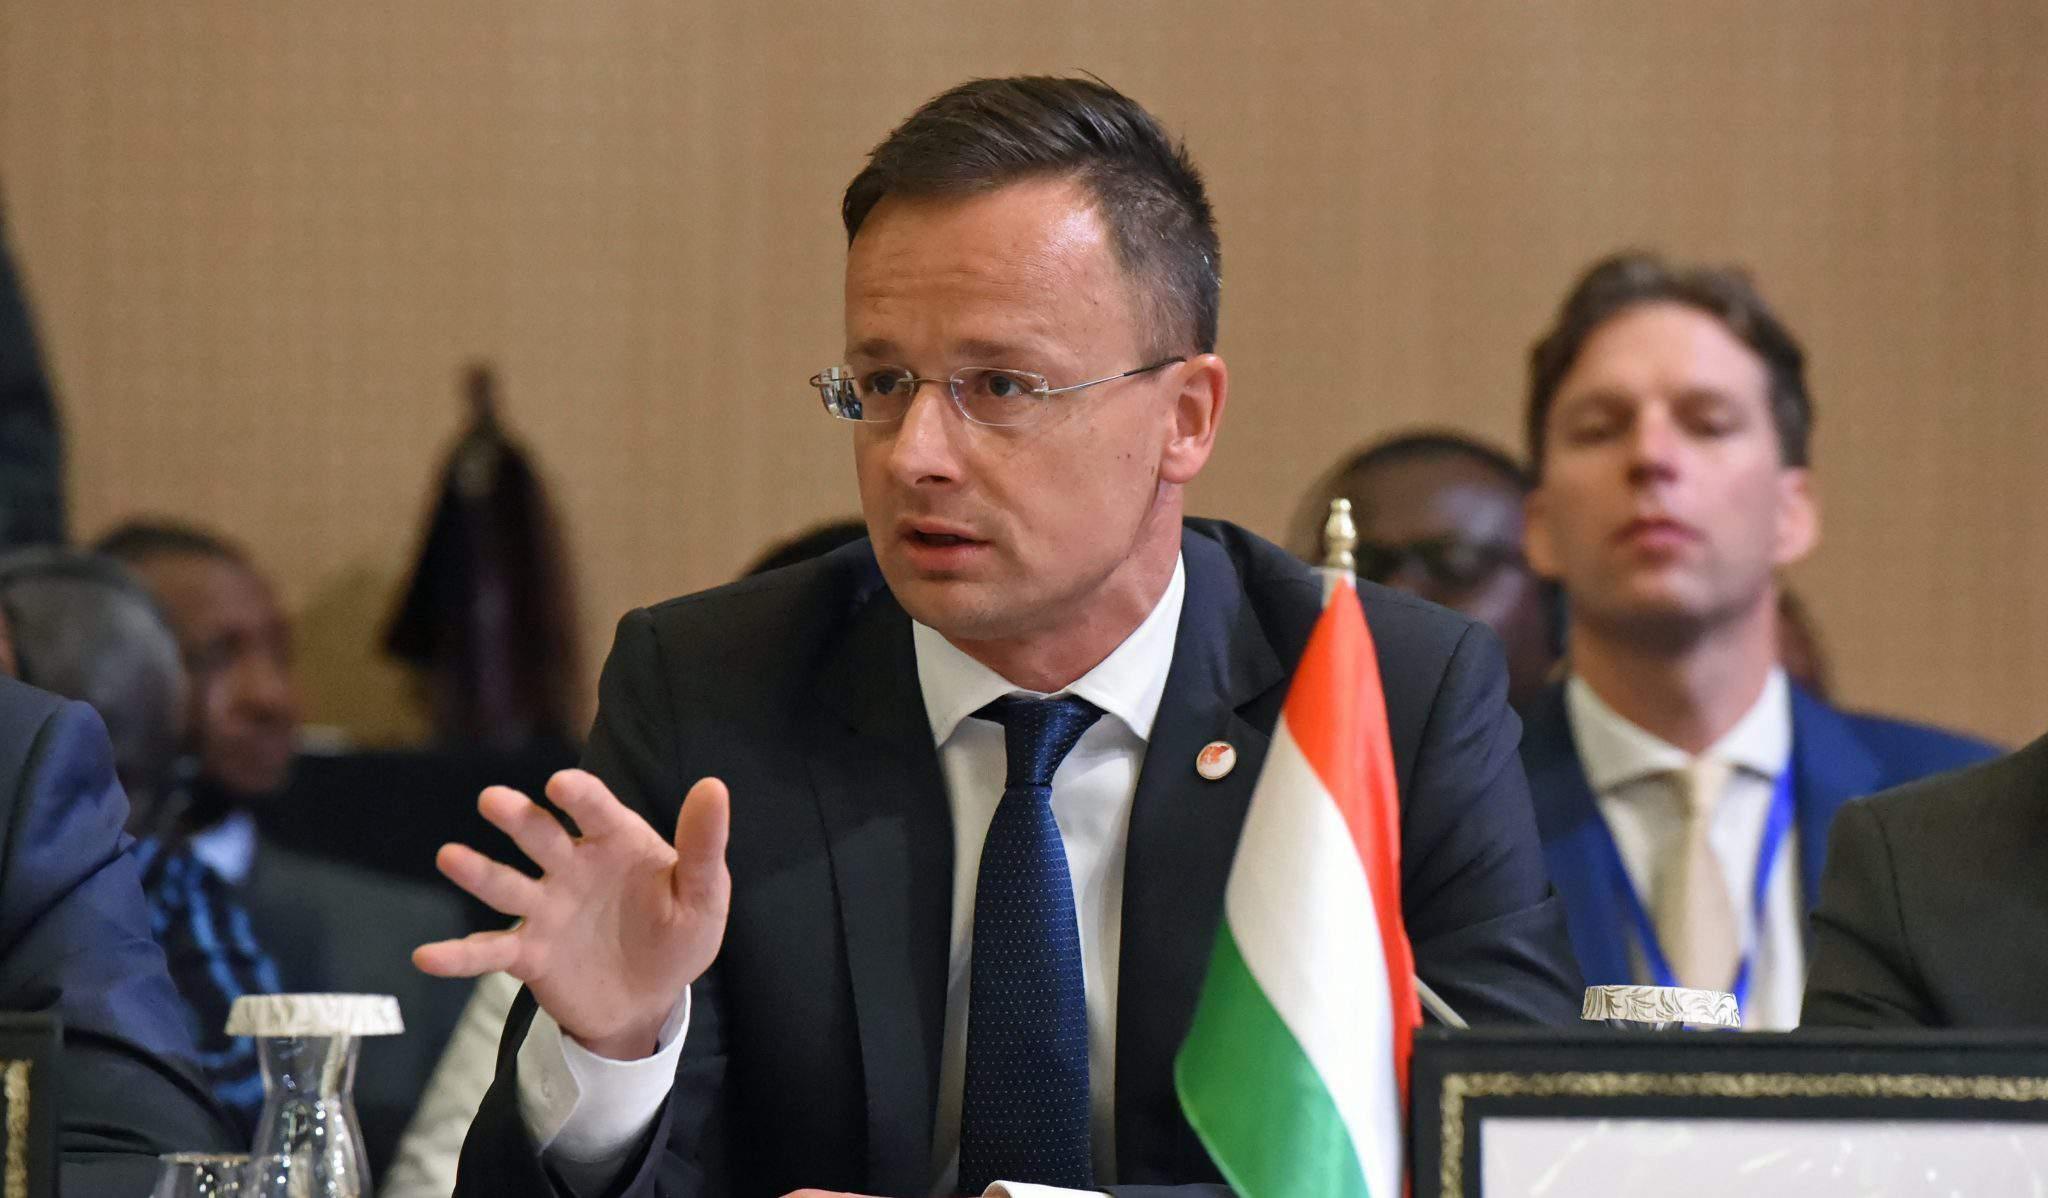 Foreign minister Szijjártó